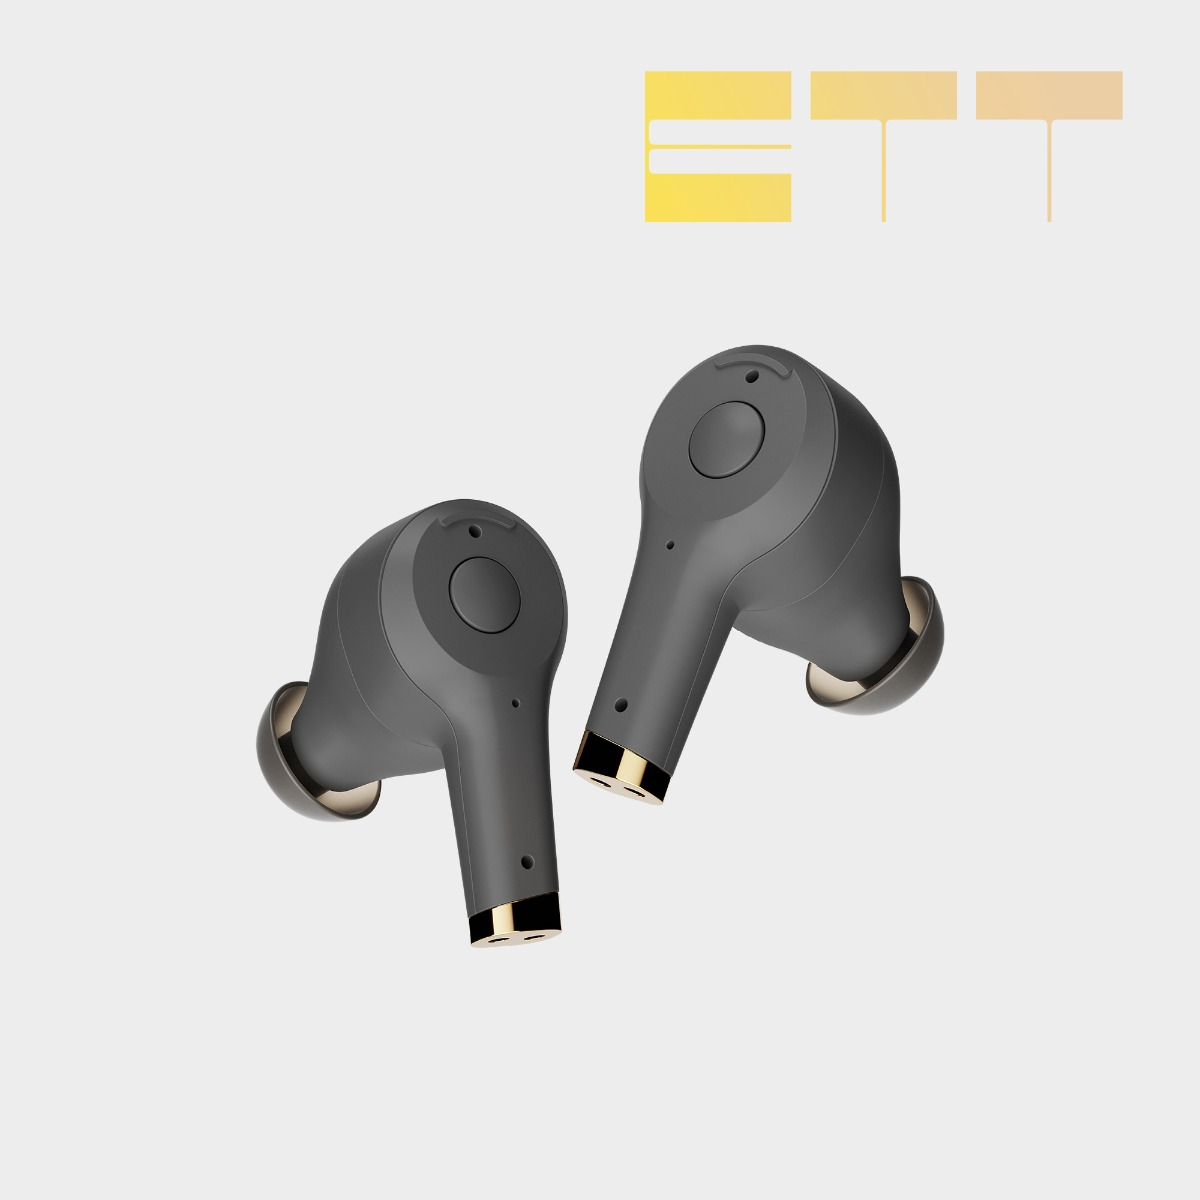 Sudio ETT 入耳式耳机 蓝牙耳机 无线 石墨烯驱动